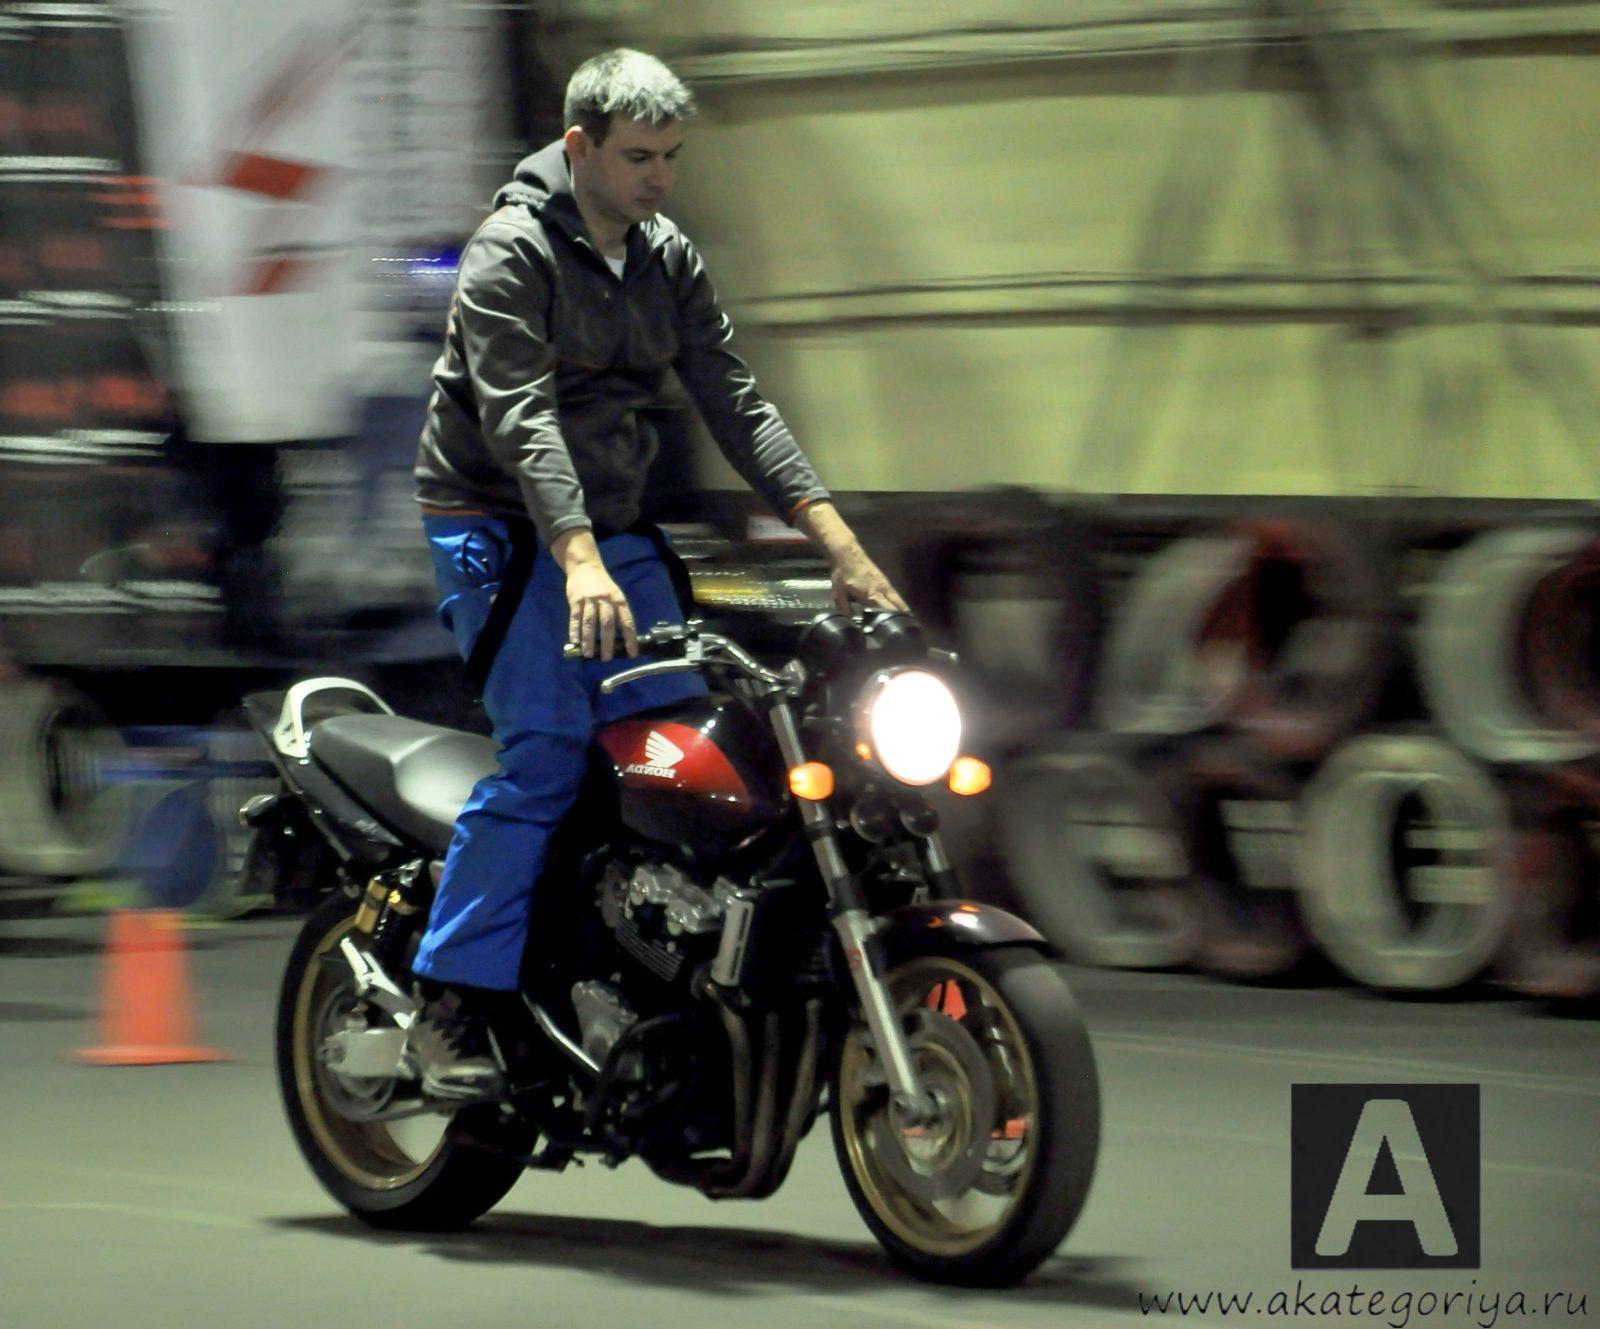 Стоимость обучения управлению мотоциклом.